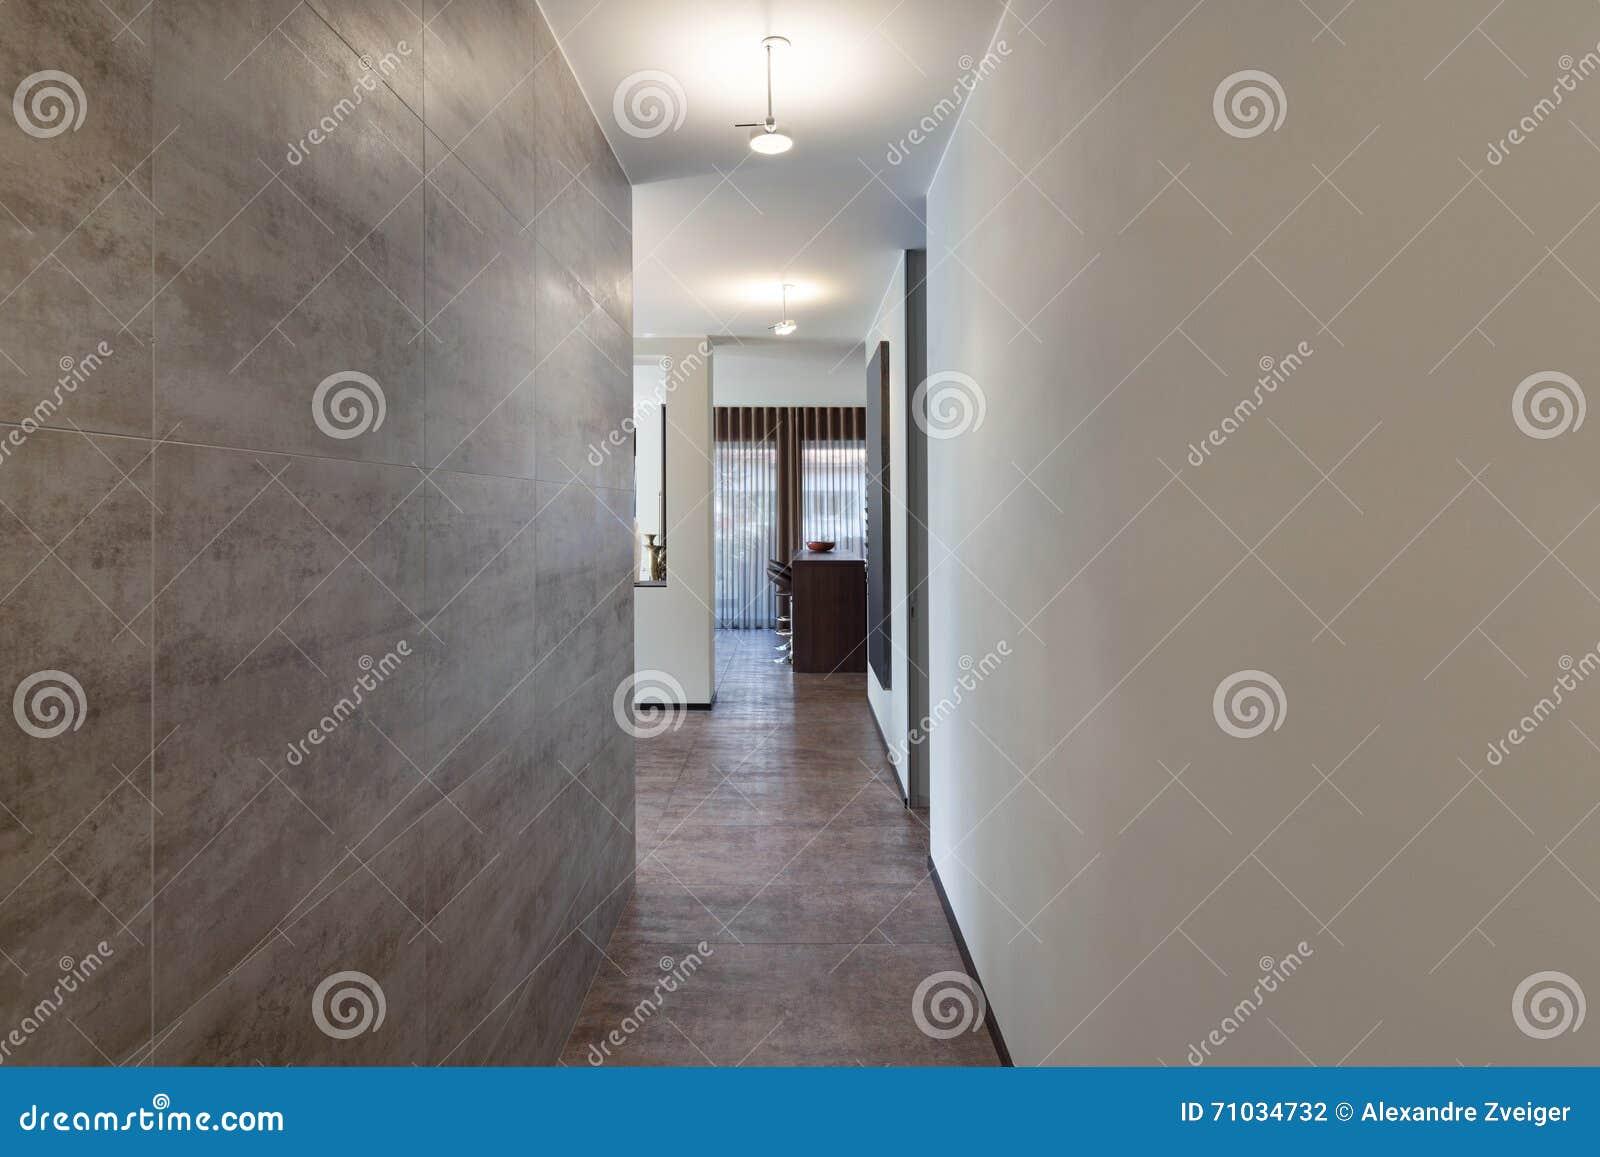 Corridoio Lungo Casa : Interni corridoio lungo con la parete di marmo fotografia stock